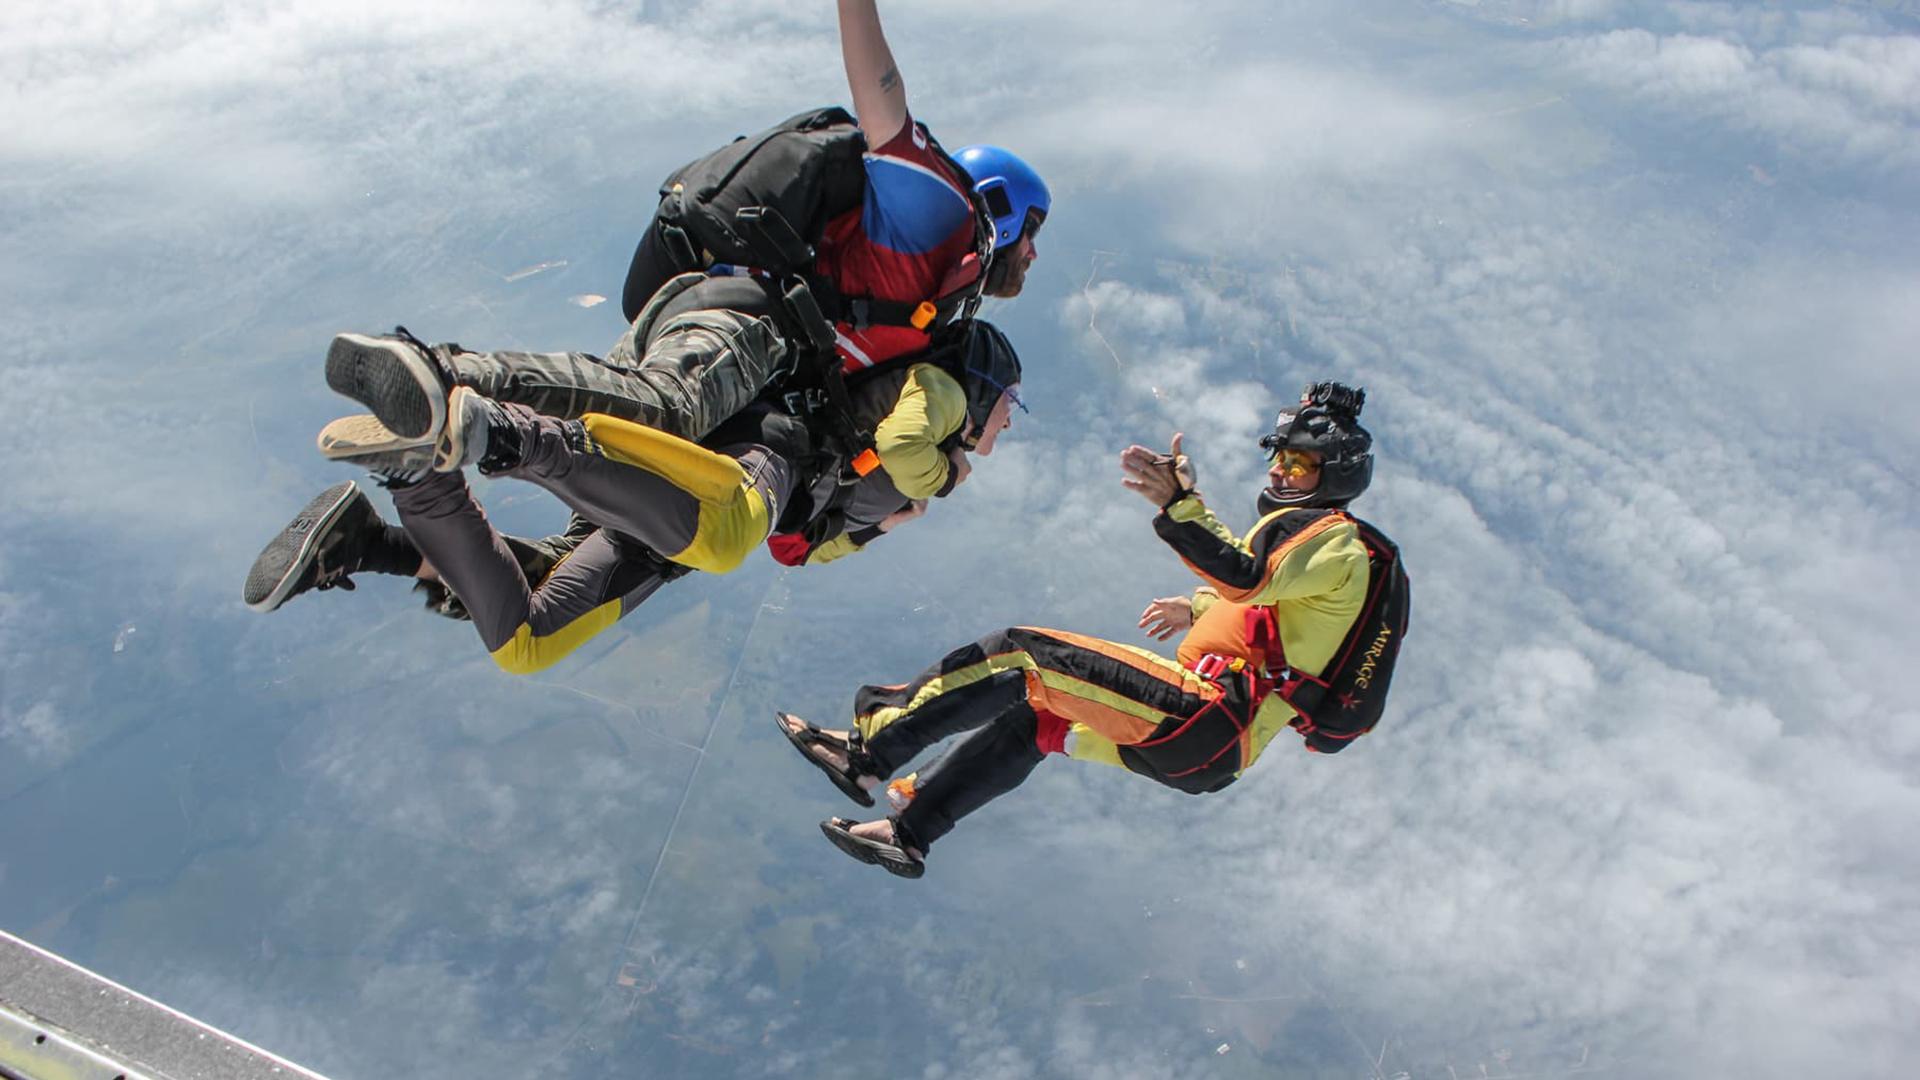 Ежегодный семинар для специалистов парашютной индустрии в Украине - Skydive Academy